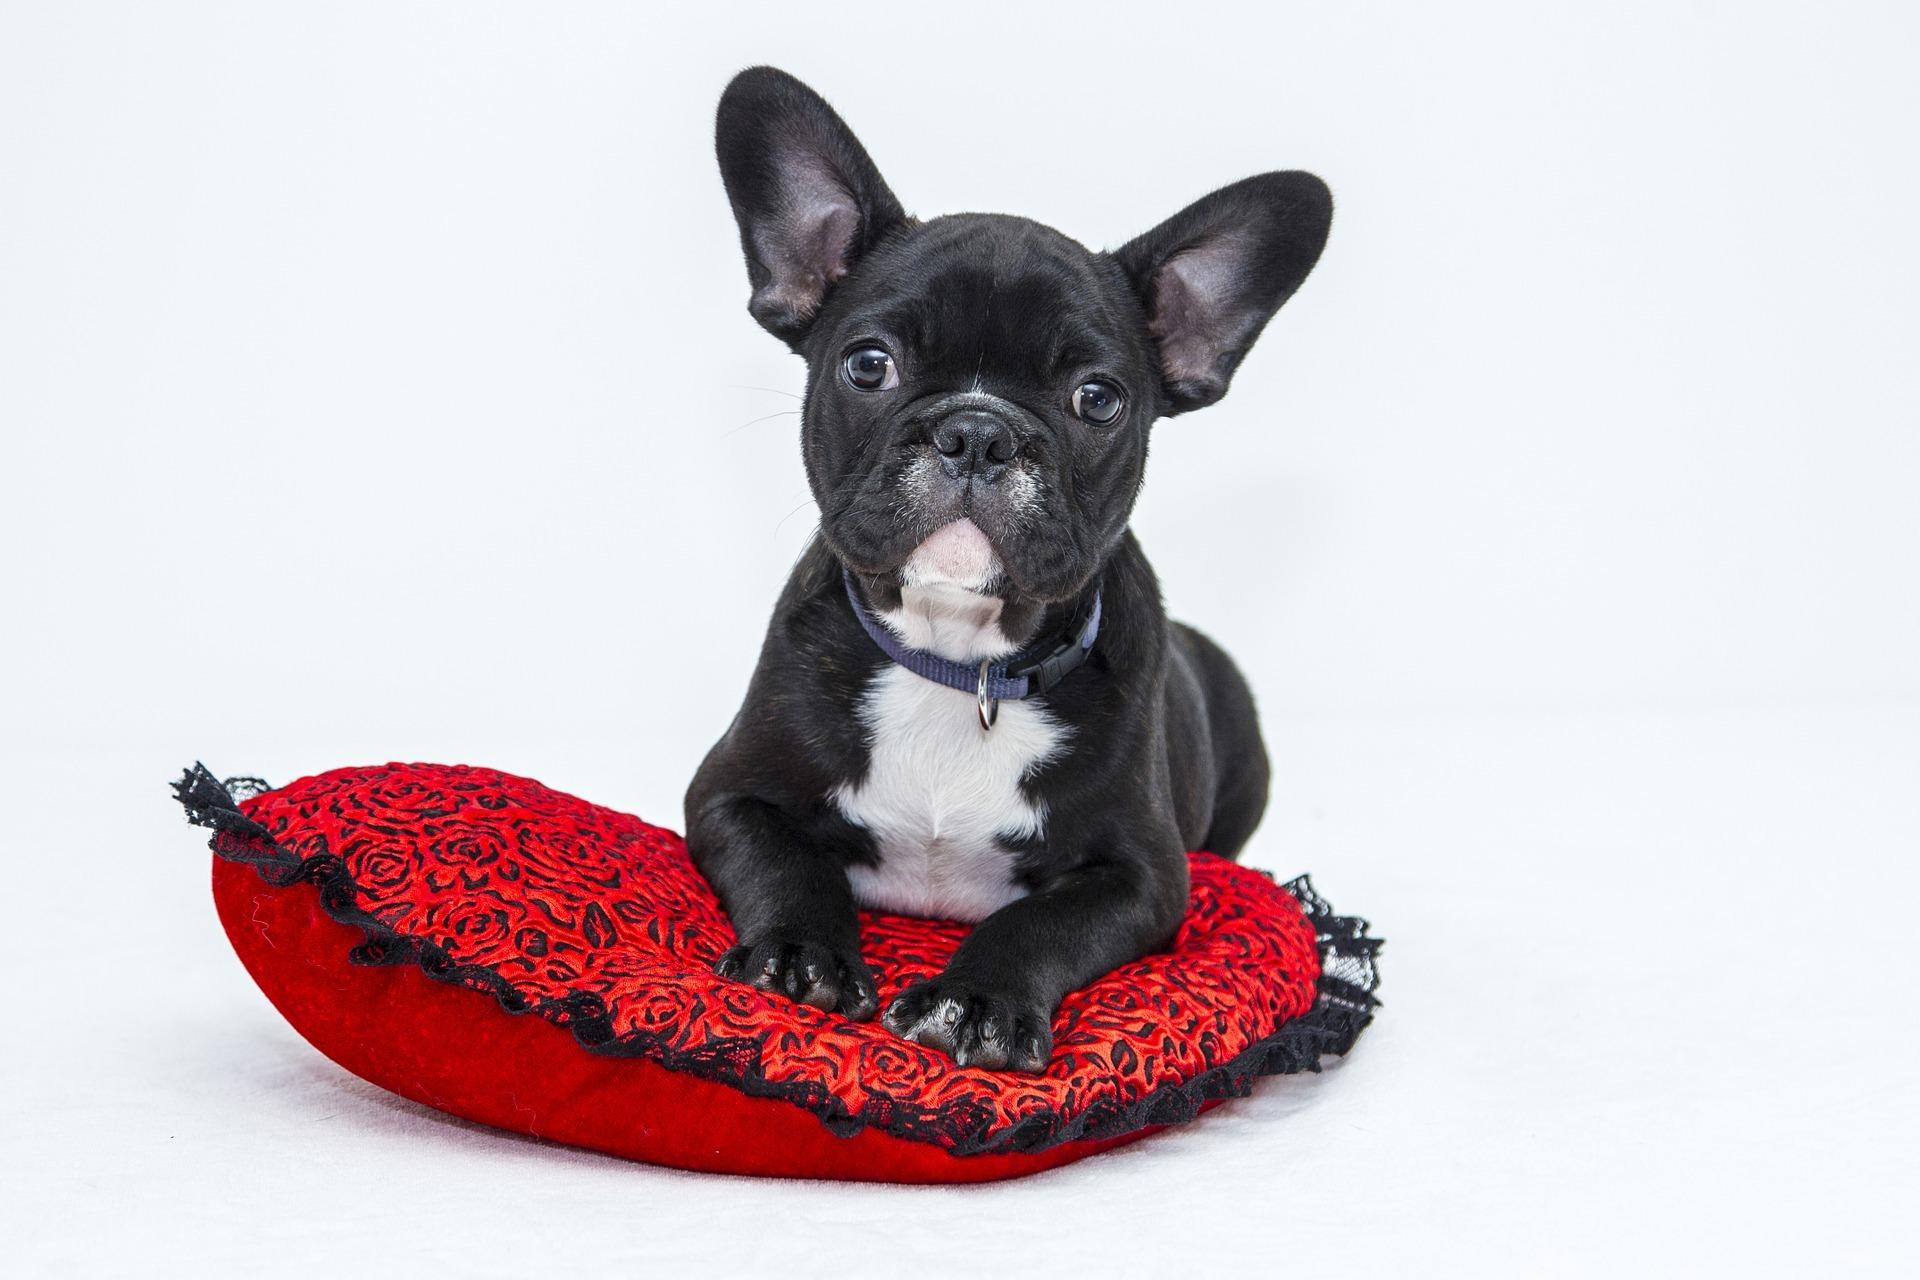 bulldog-10475181920-1588086641.jpg